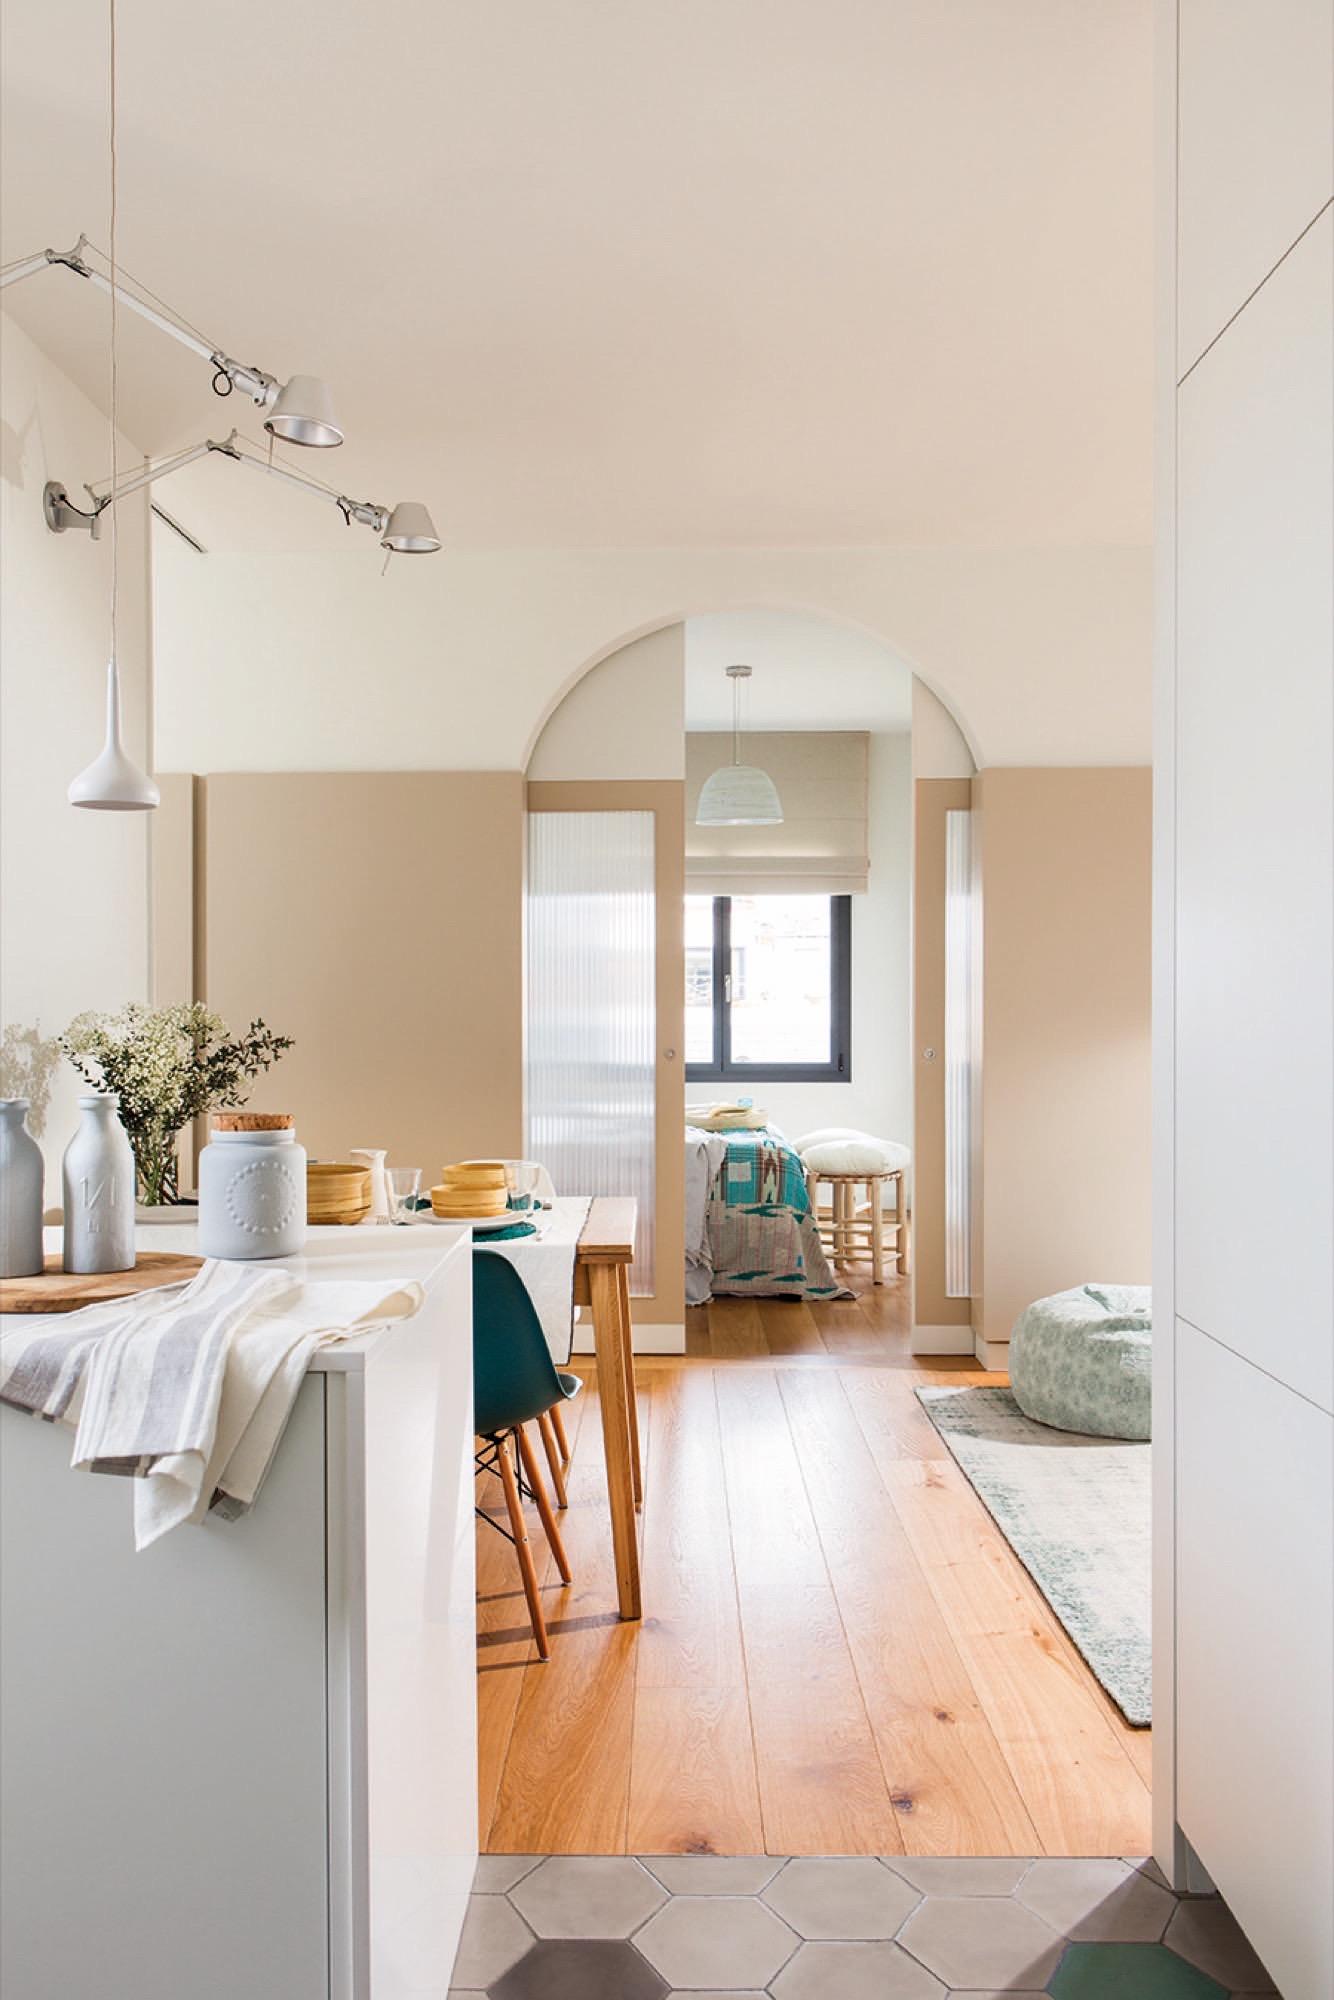 puertas correderas de una habitacion que da a un salón cocina